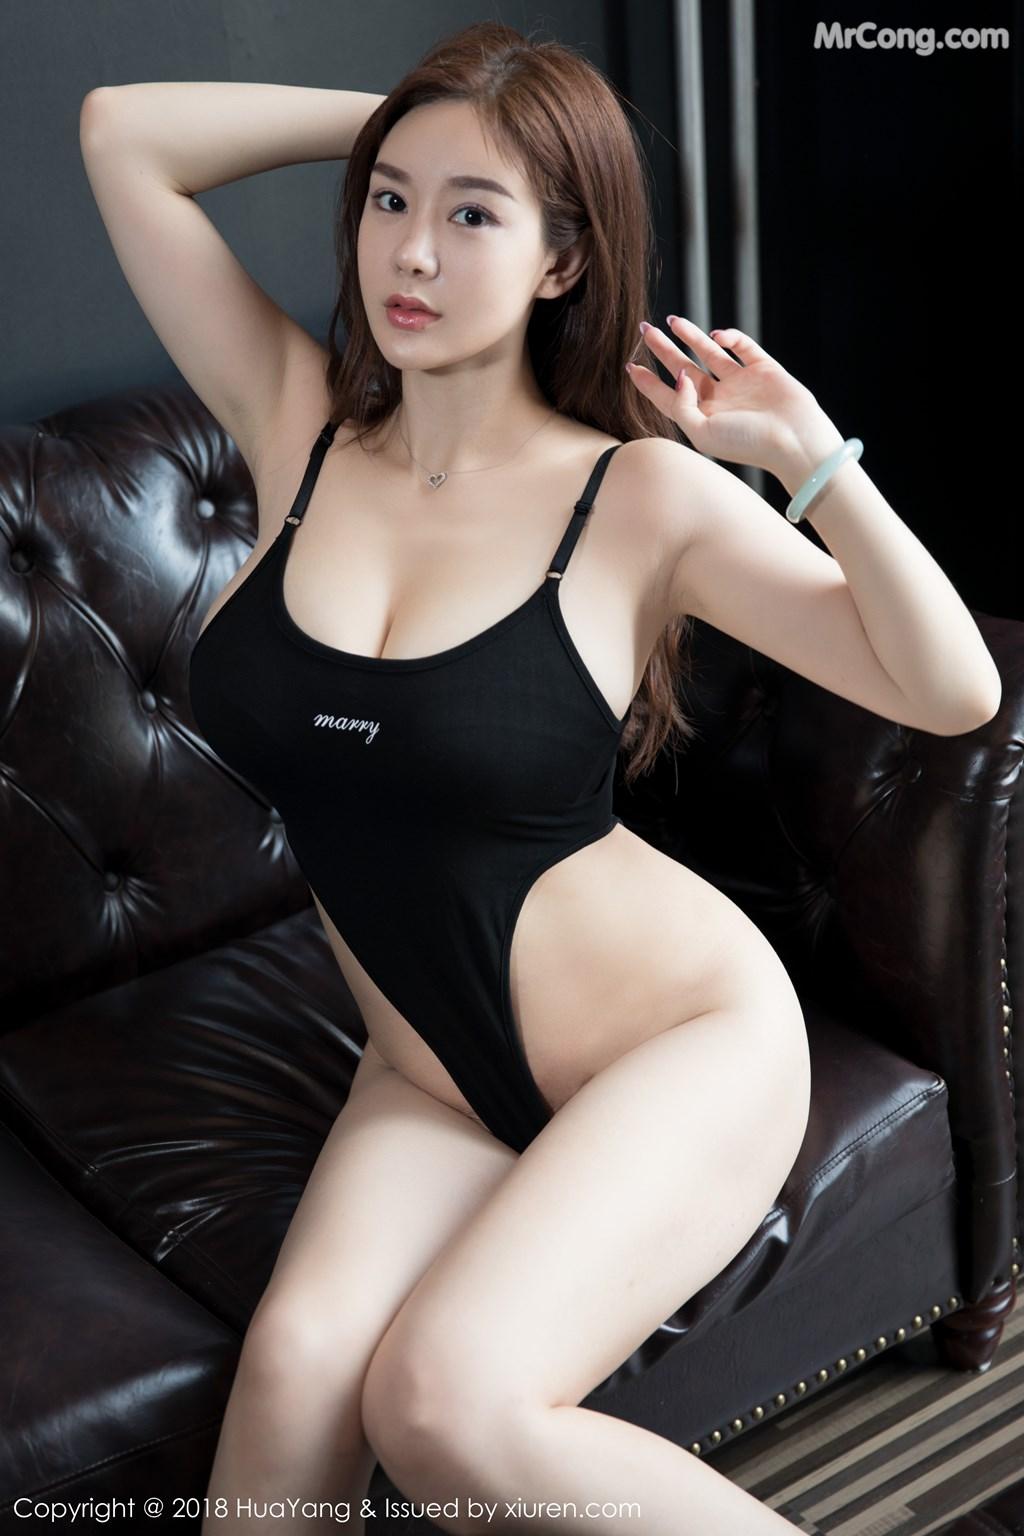 Image HuaYang-2018-08-09-Vol.068-Silvia-MrCong.com-011 in post HuaYang 2018-08-09 Vol.068: Người mẫu 易阳Silvia (41 ảnh)